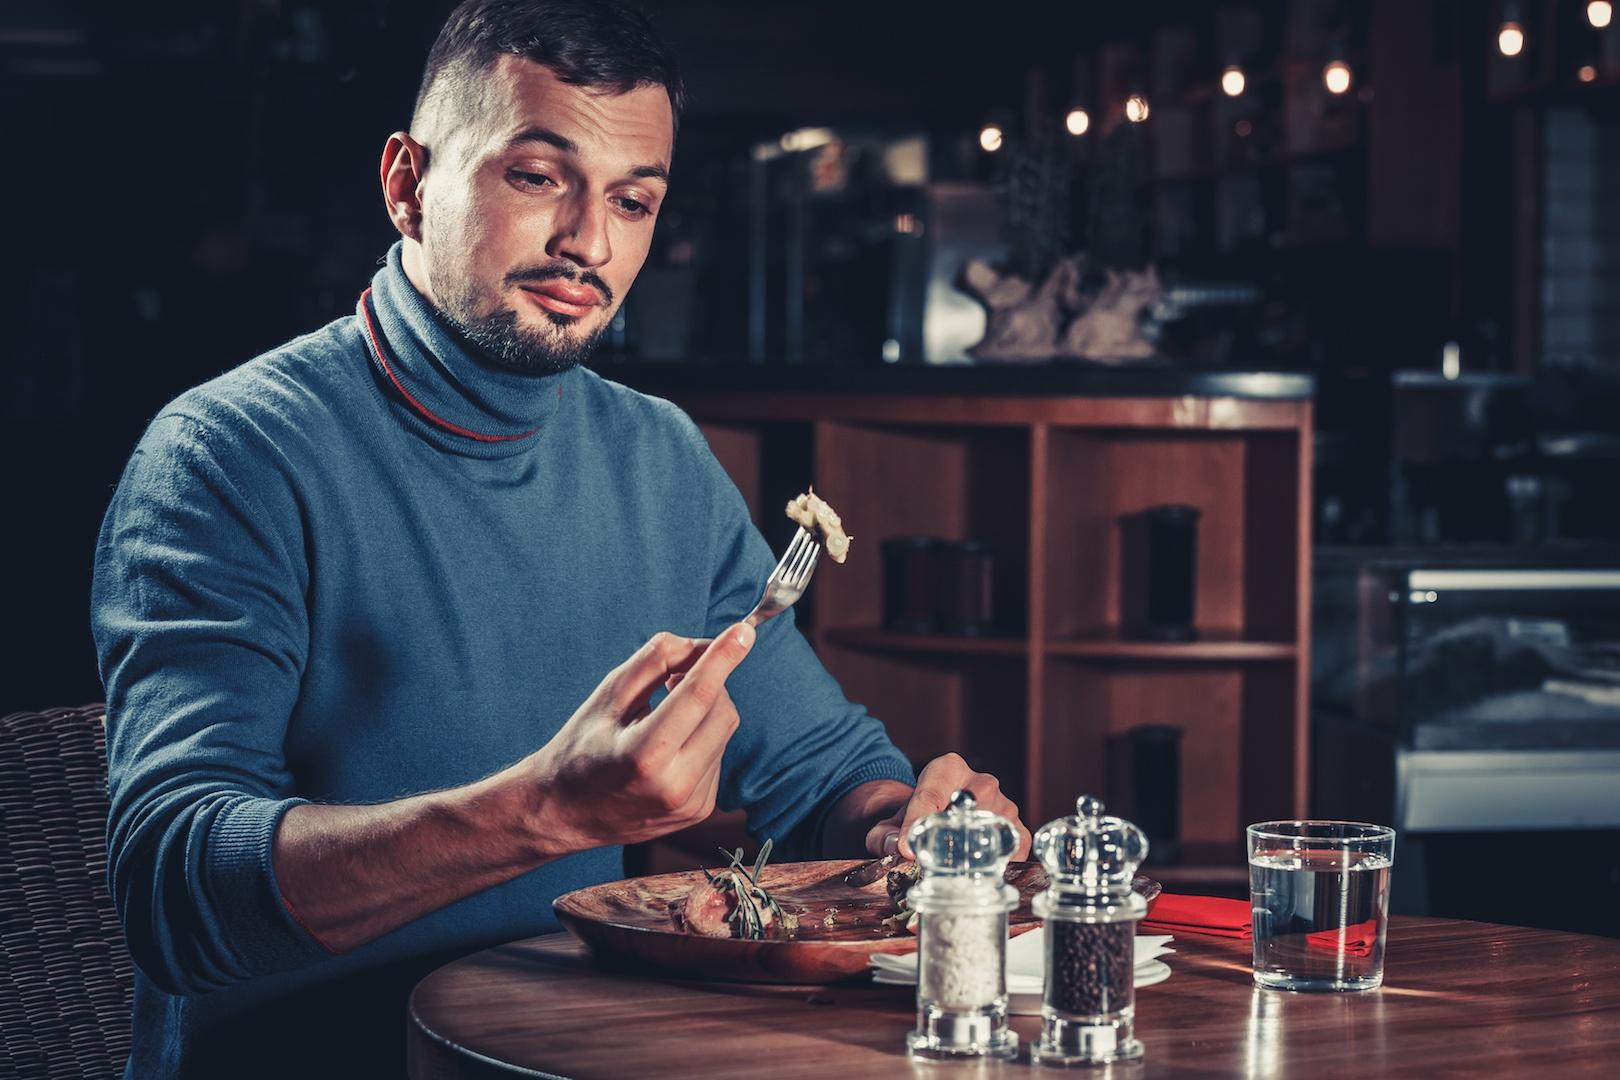 Clientes fiéis atraem outros clientes e terá mais reservas para o seu restaurante